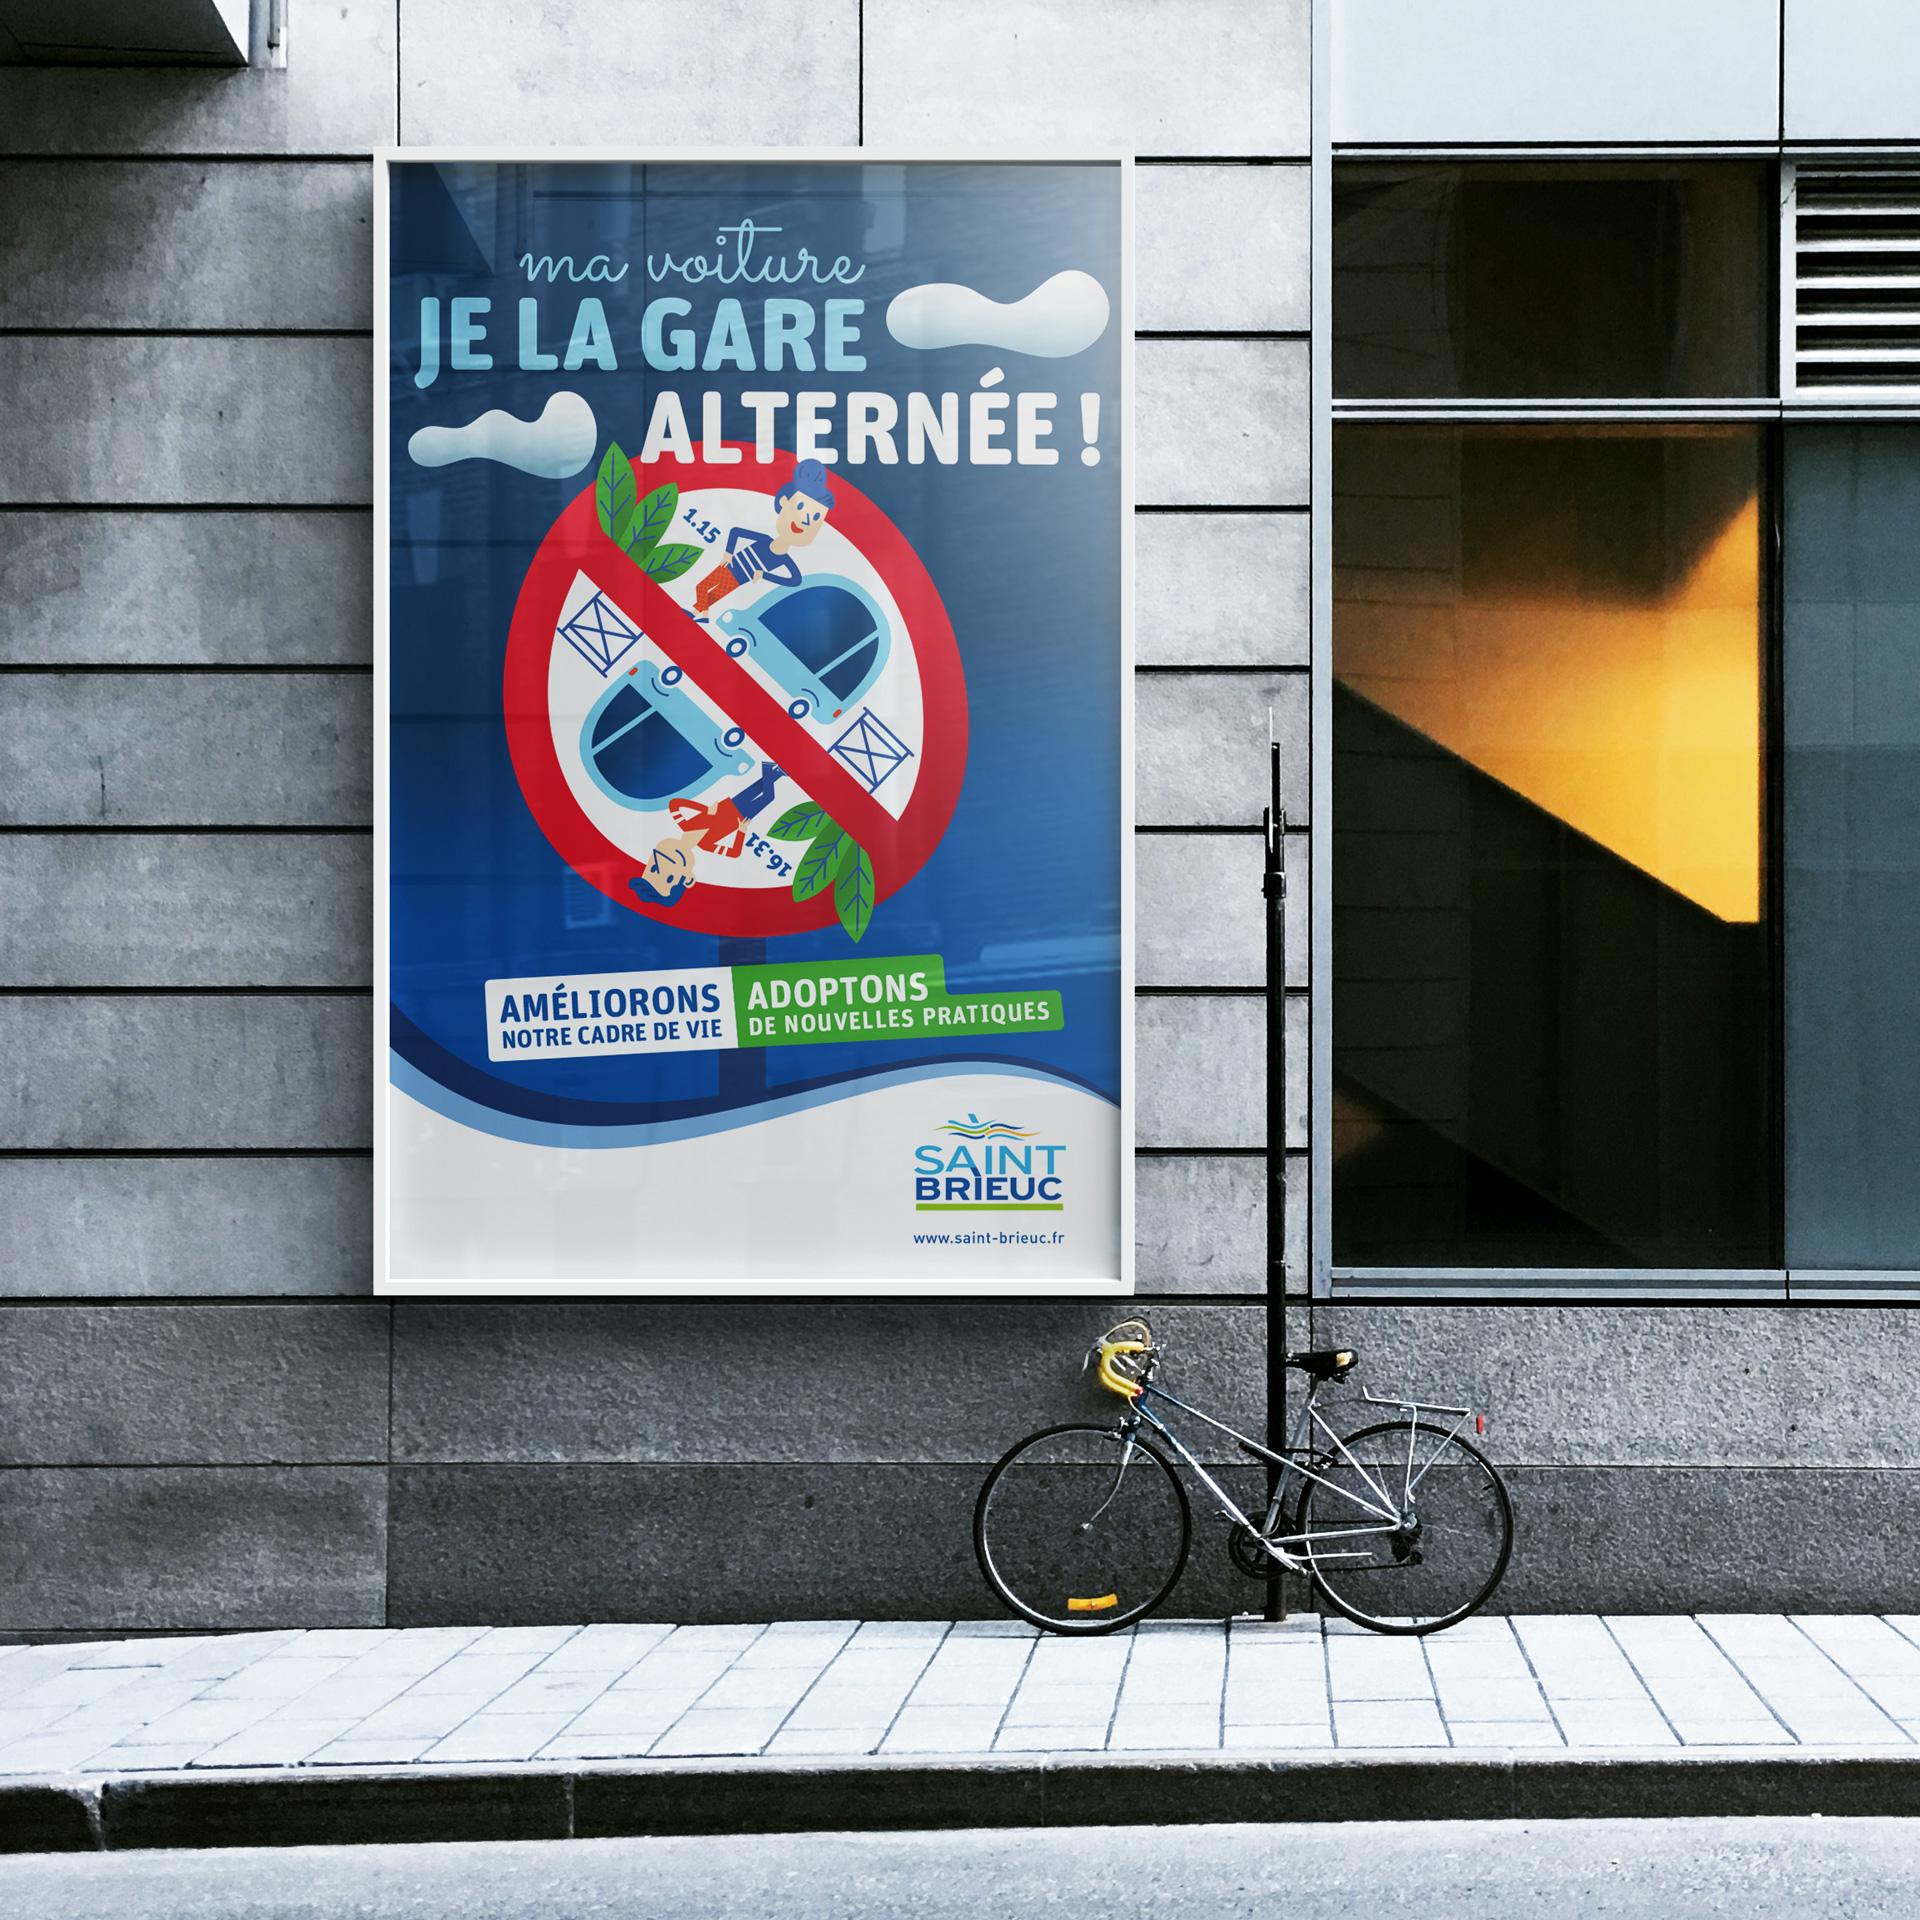 ville-saint-brieuc-agglomeration-mairie-communication-campagne-stationnement-illustration-affiche